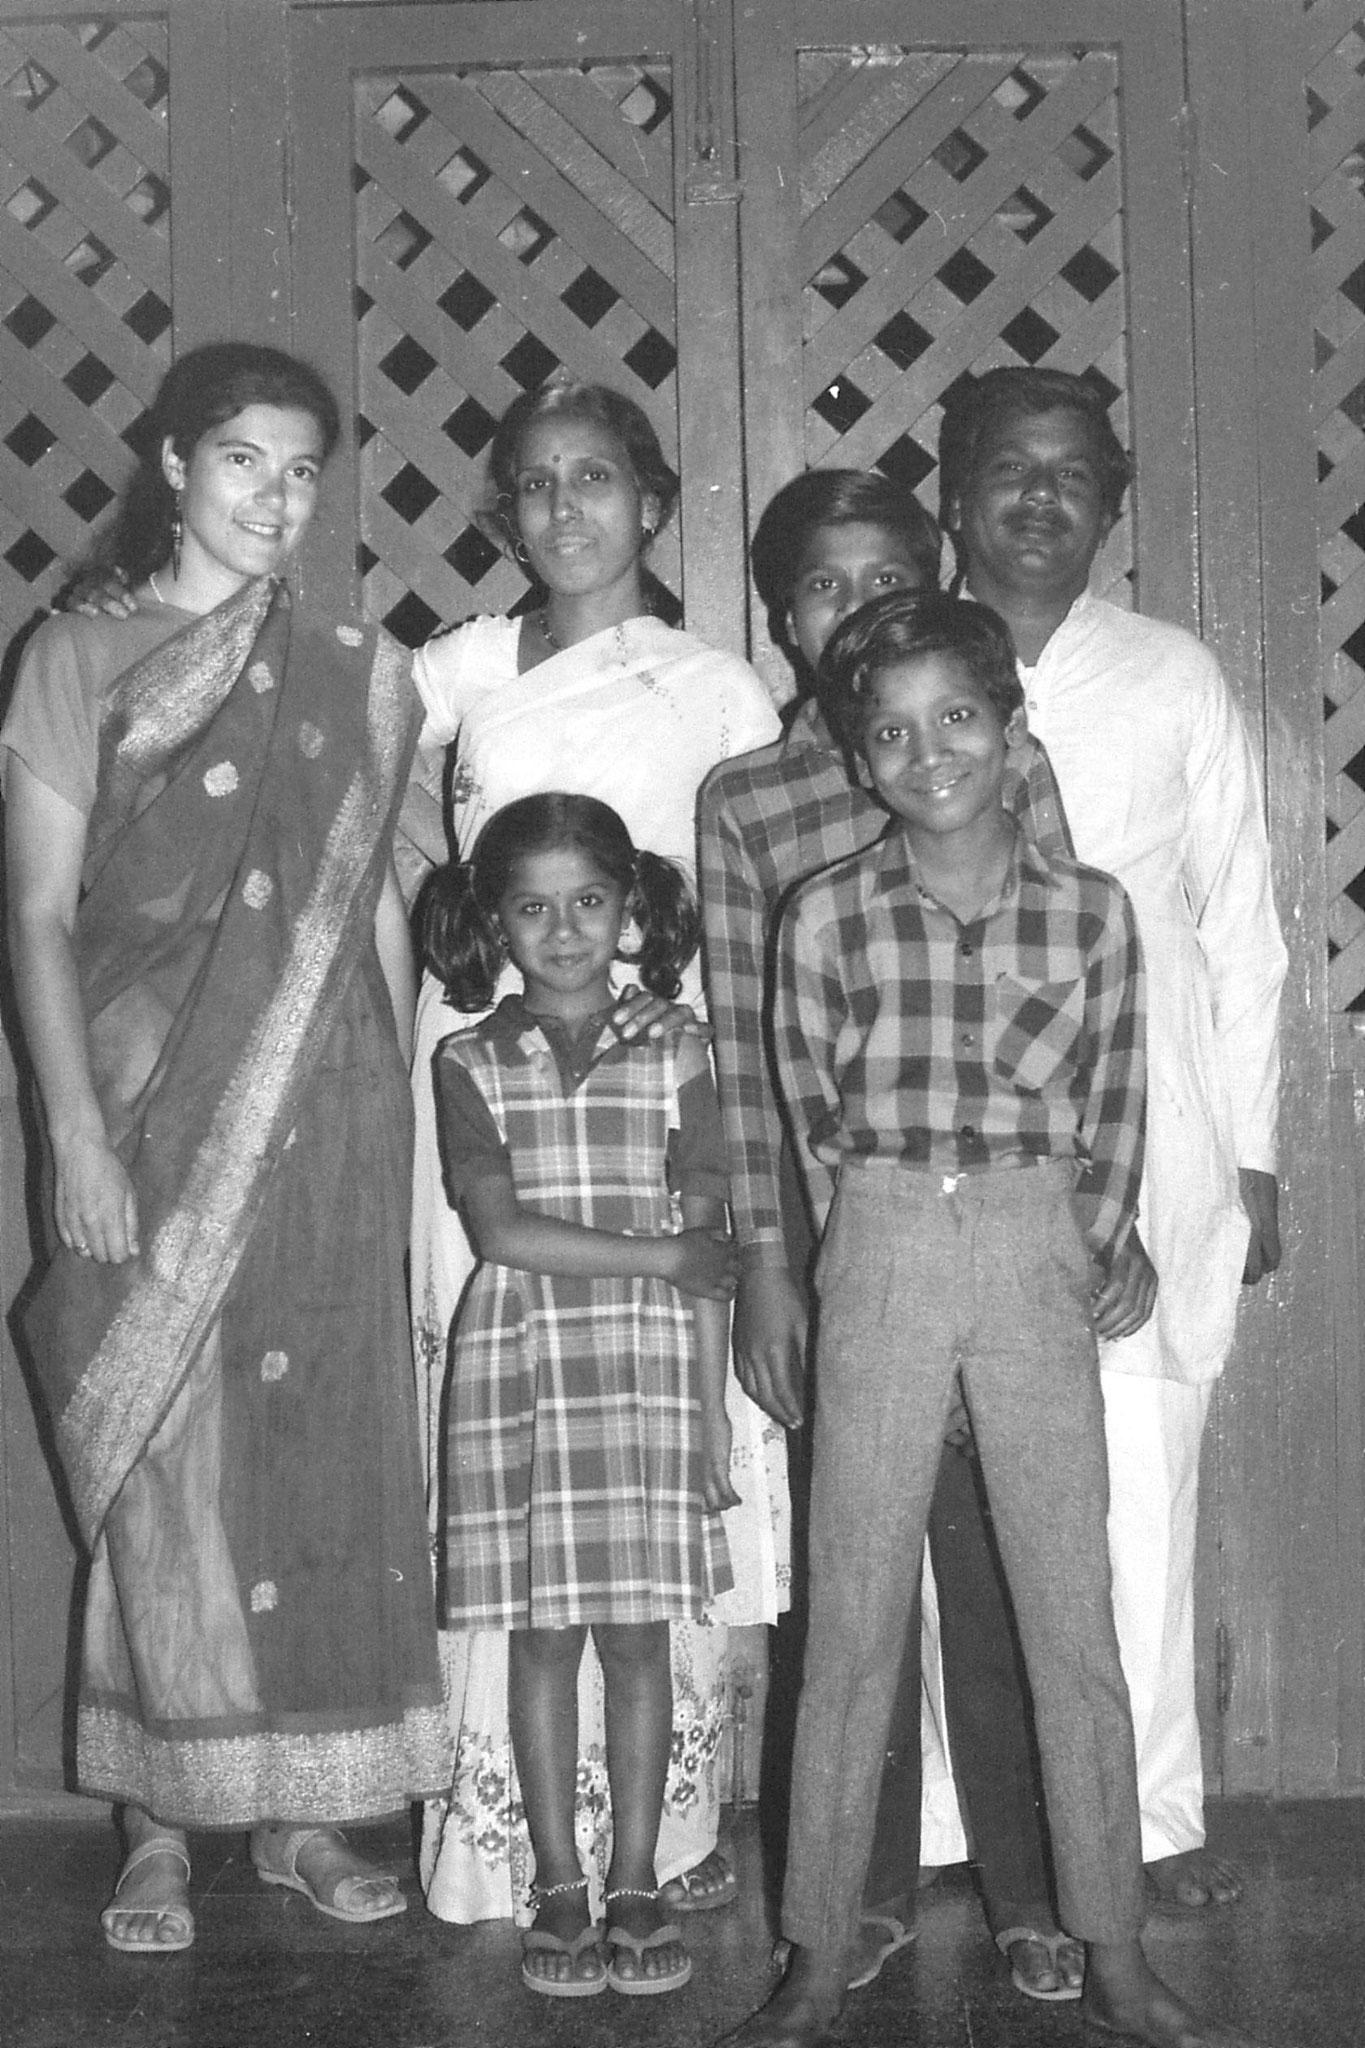 11/12/1989: 23: Chourasia family with Elizabeth